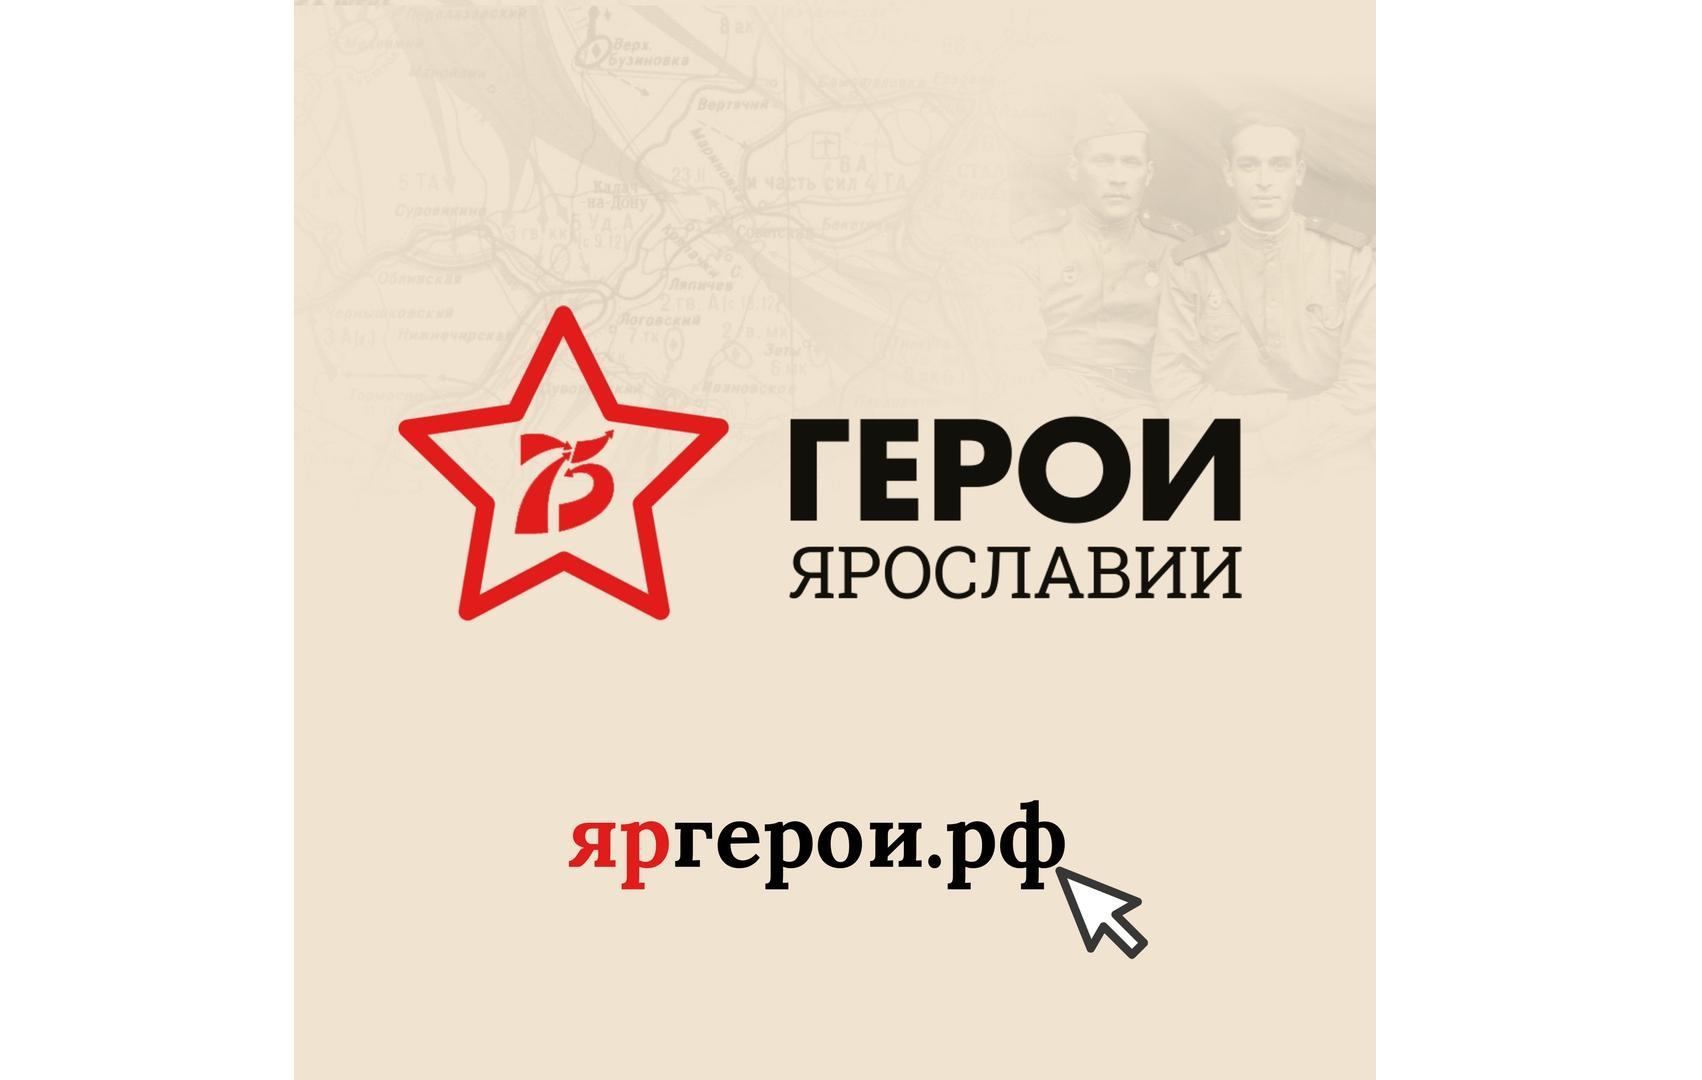 В рамках проекта «Герои Ярославии» издадут памятную книгу с фотографиями и историями о боевых подвигах